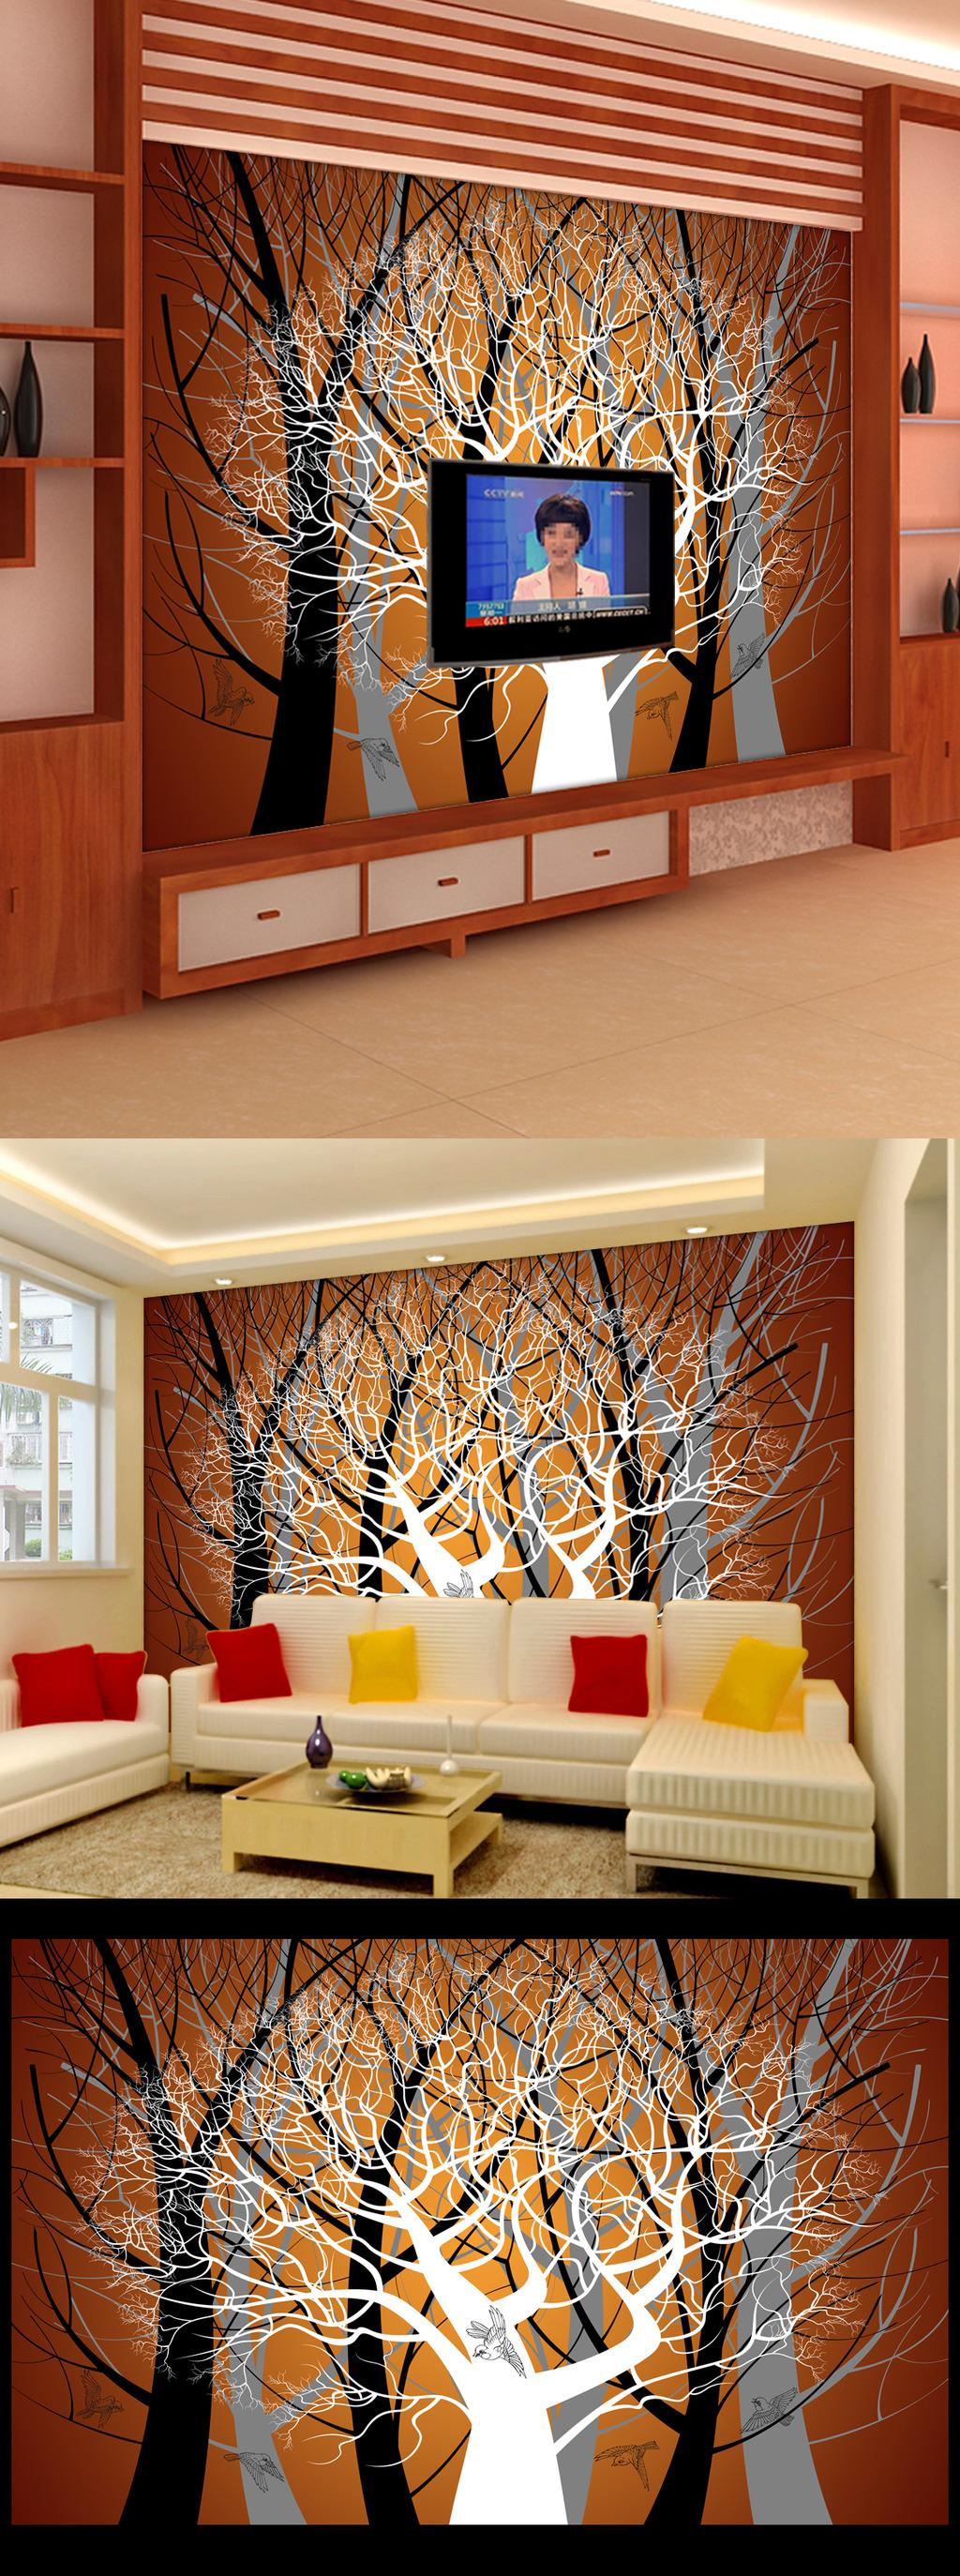 唯美手绘抽象树干电视背景墙